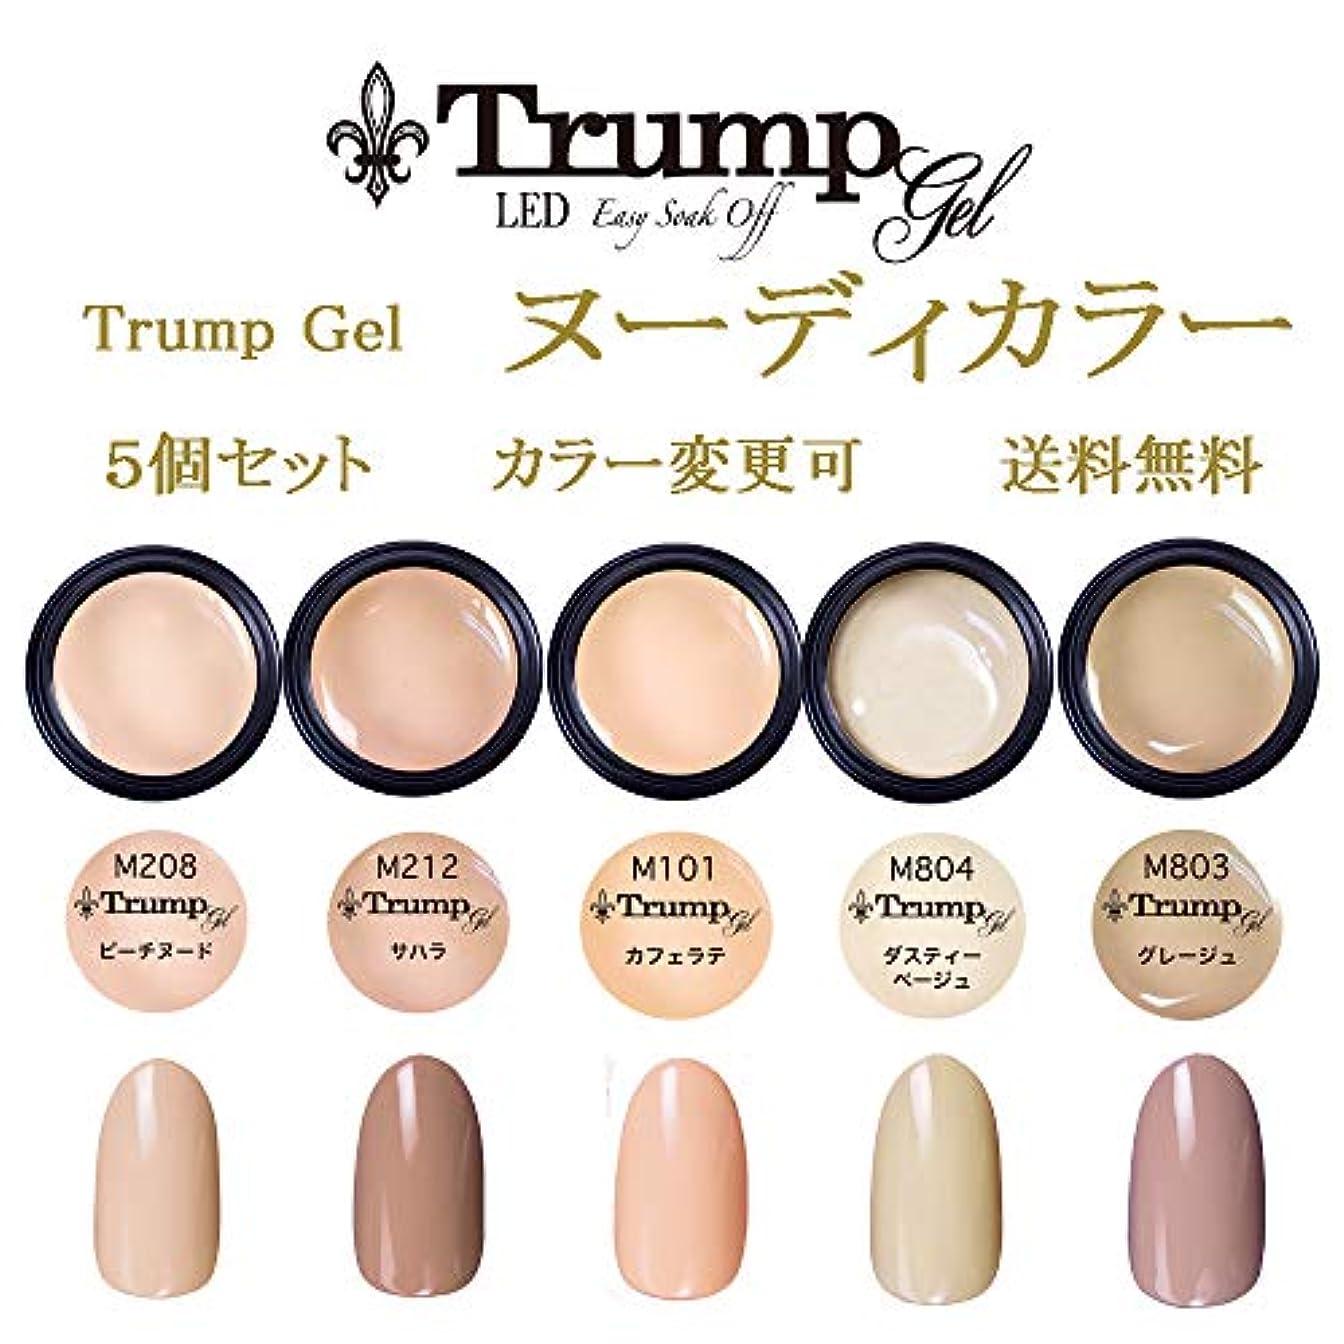 クランプ一瞬ますます日本製 Trump gel トランプジェル ヌーディカラー 選べる カラージェル 5個セット ベージュ ブラウン ピンク